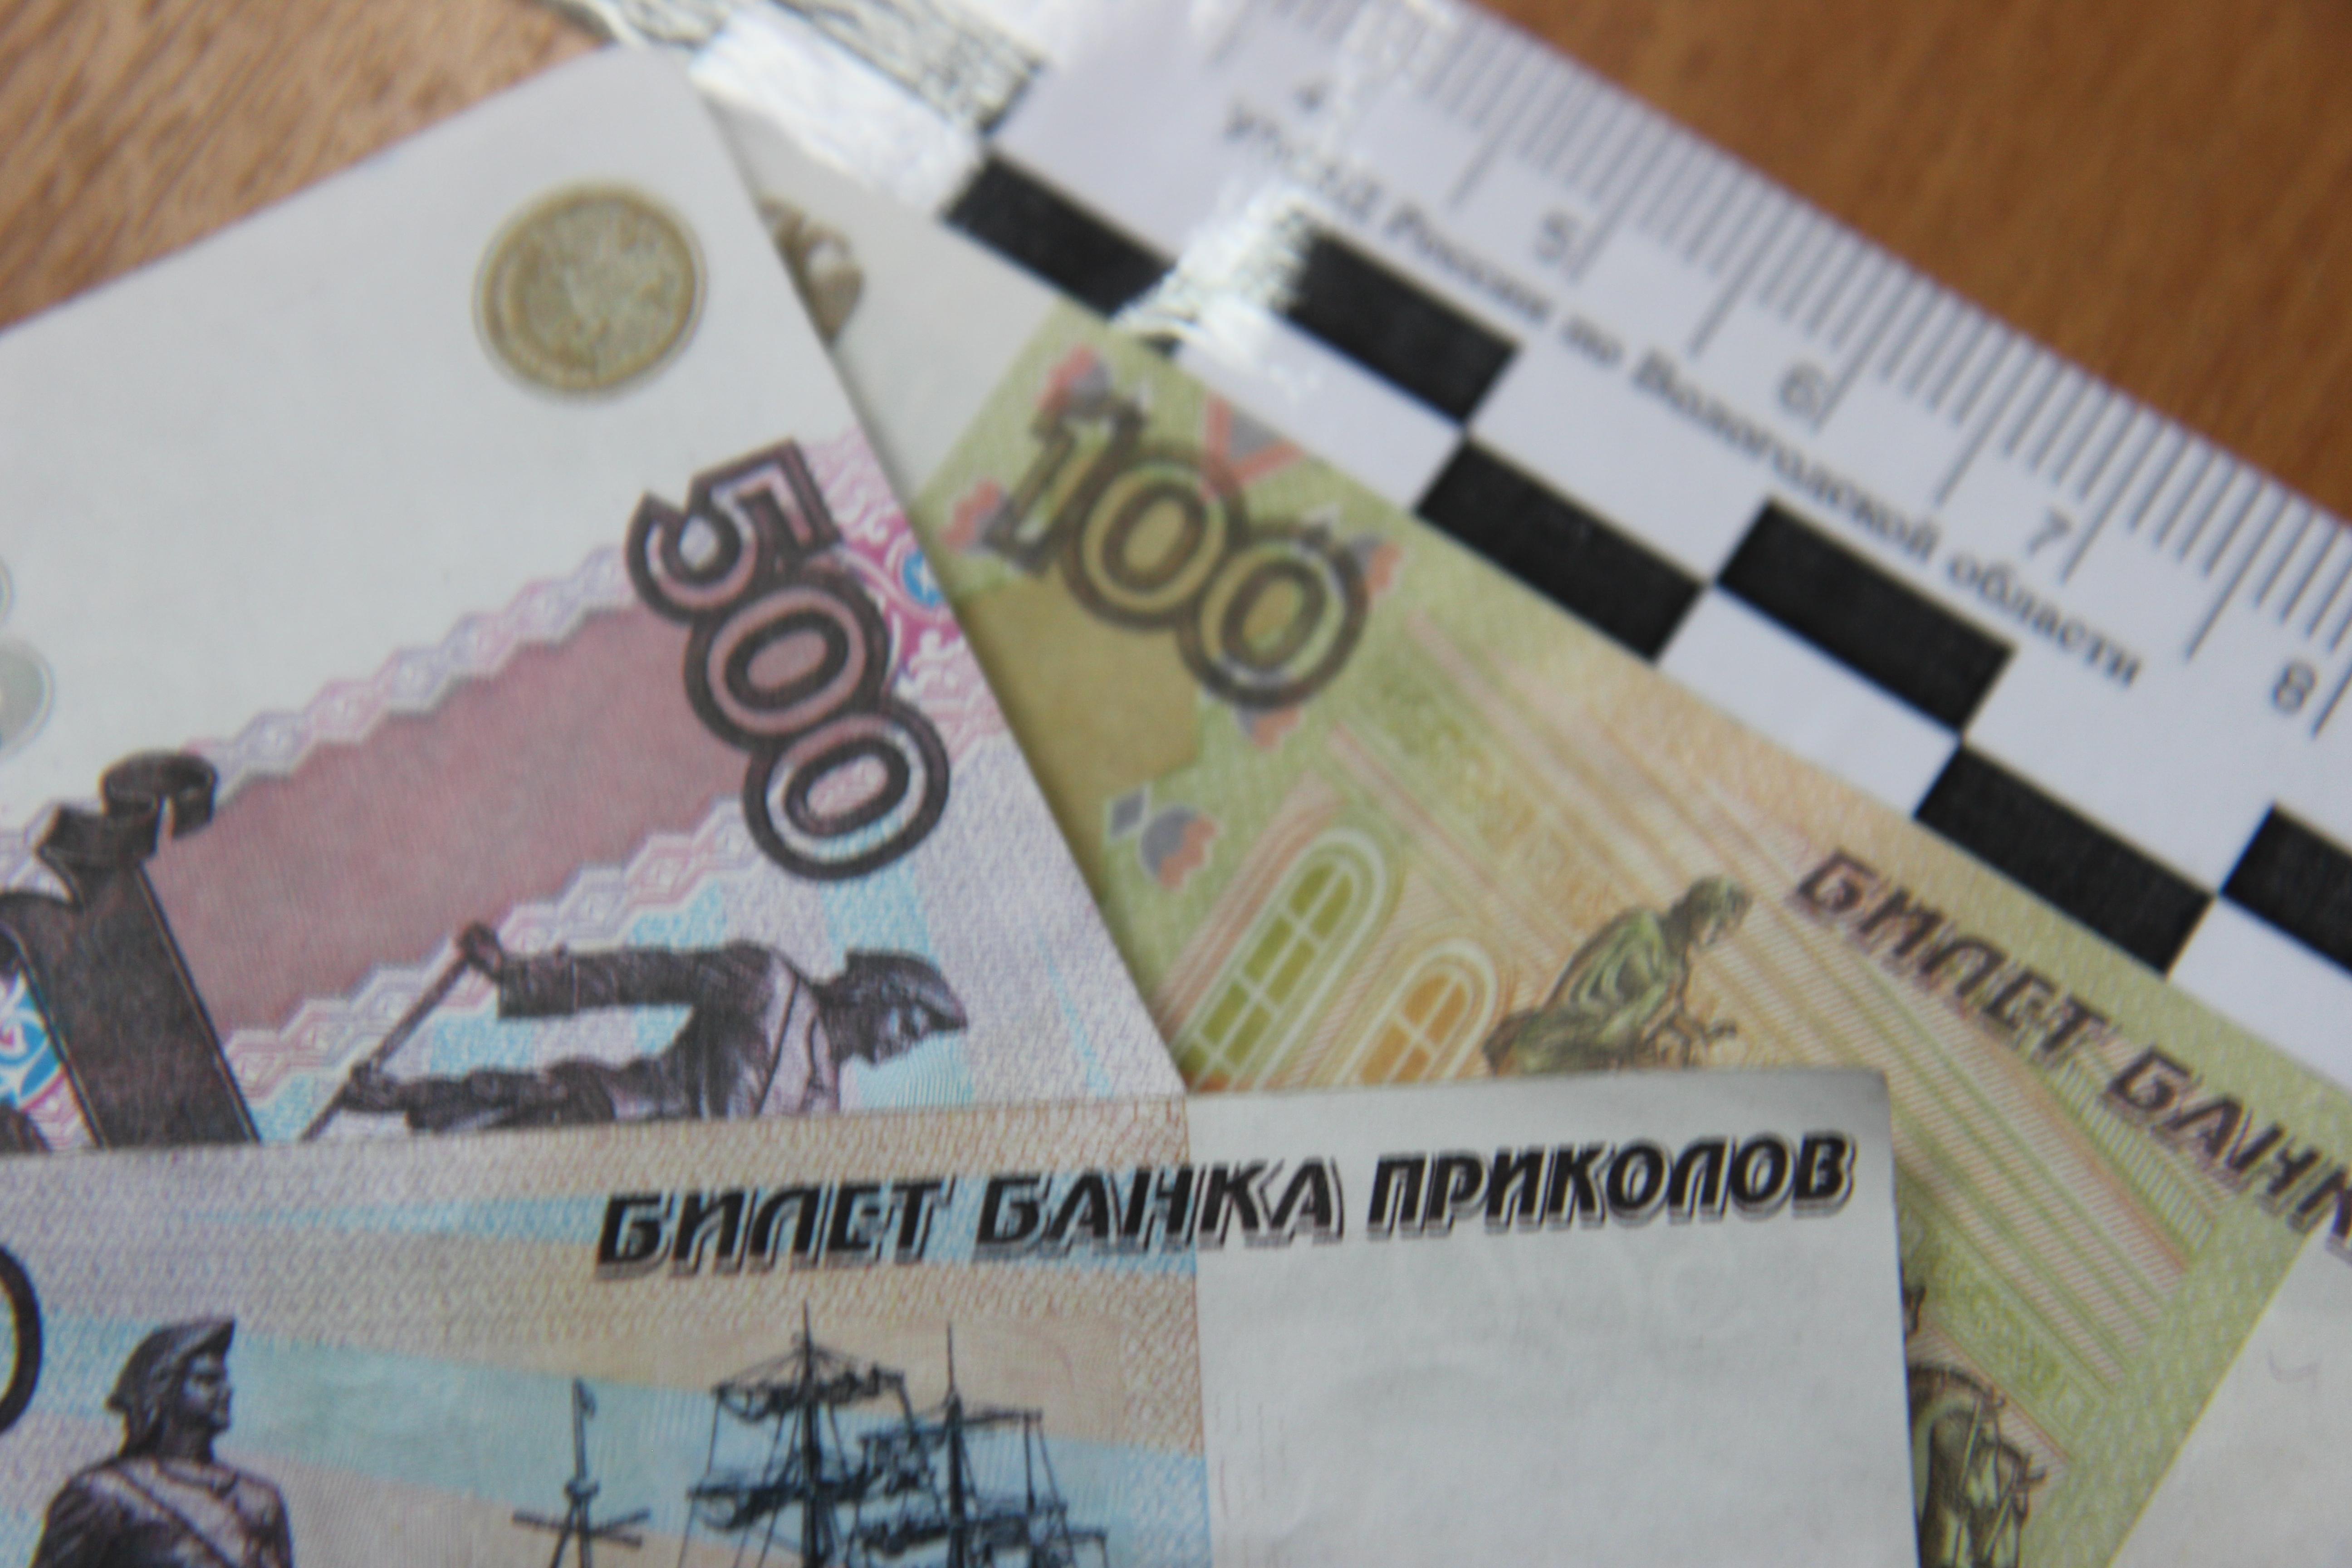 В Вологде со скупщиком меди расплатились билетами банка приколов